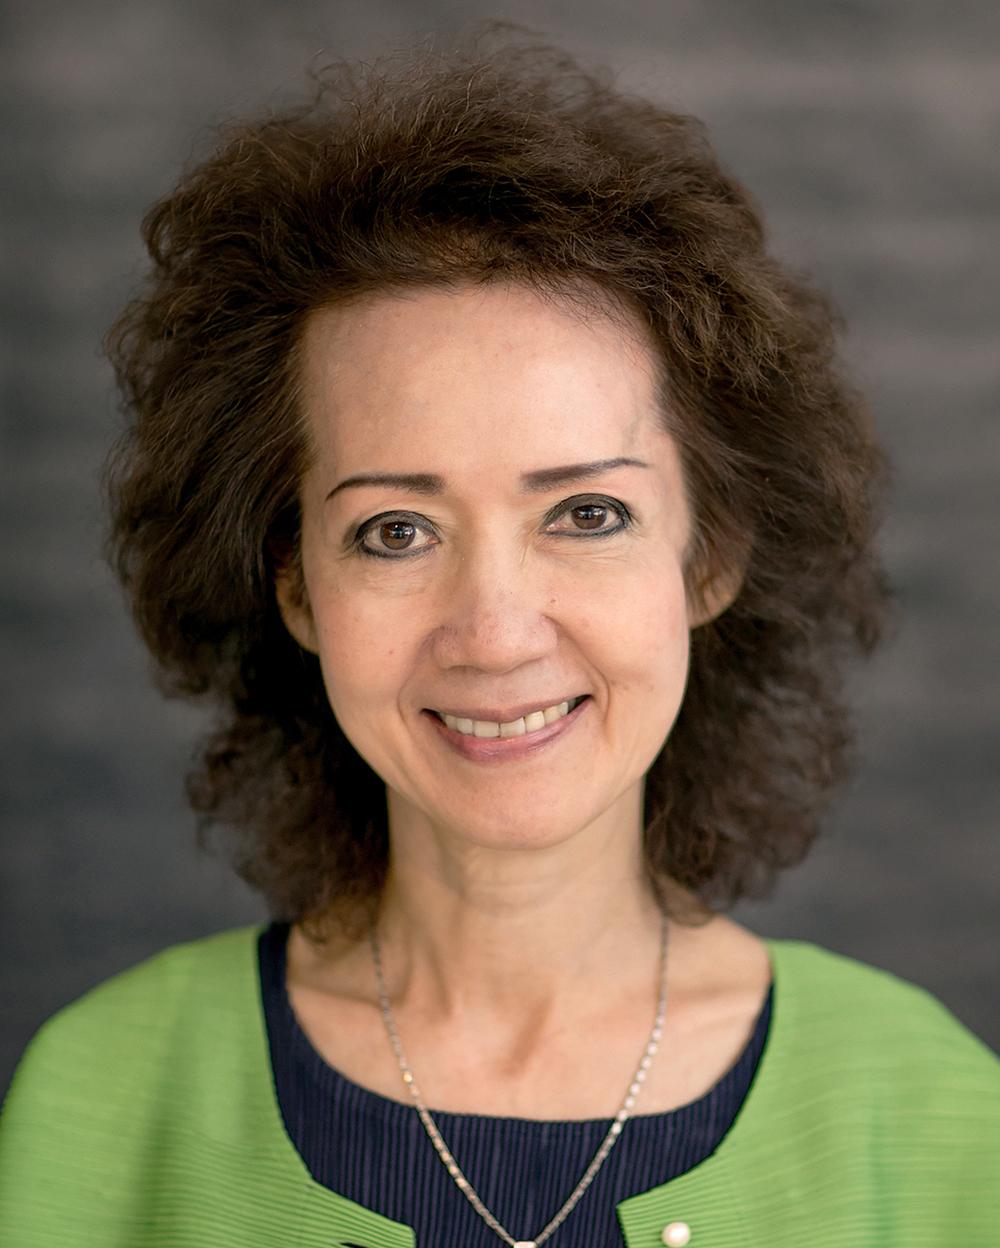 Vickie Liu